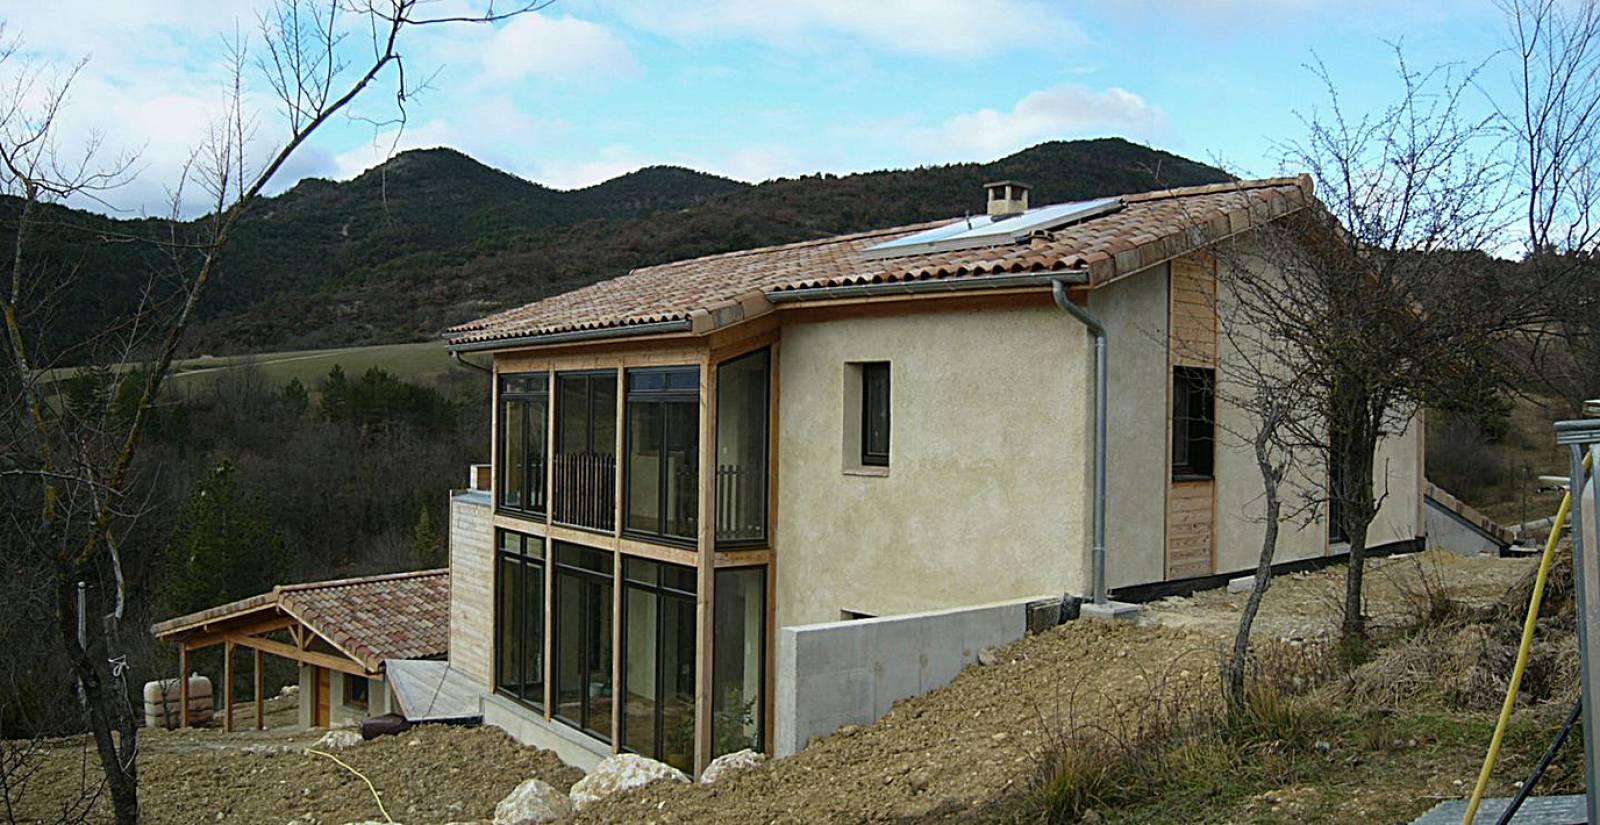 ... Ossature Bois En Paille à Saillans Dans La Drôme Couverture En Tuiles  Panneaux Photovoltaiques